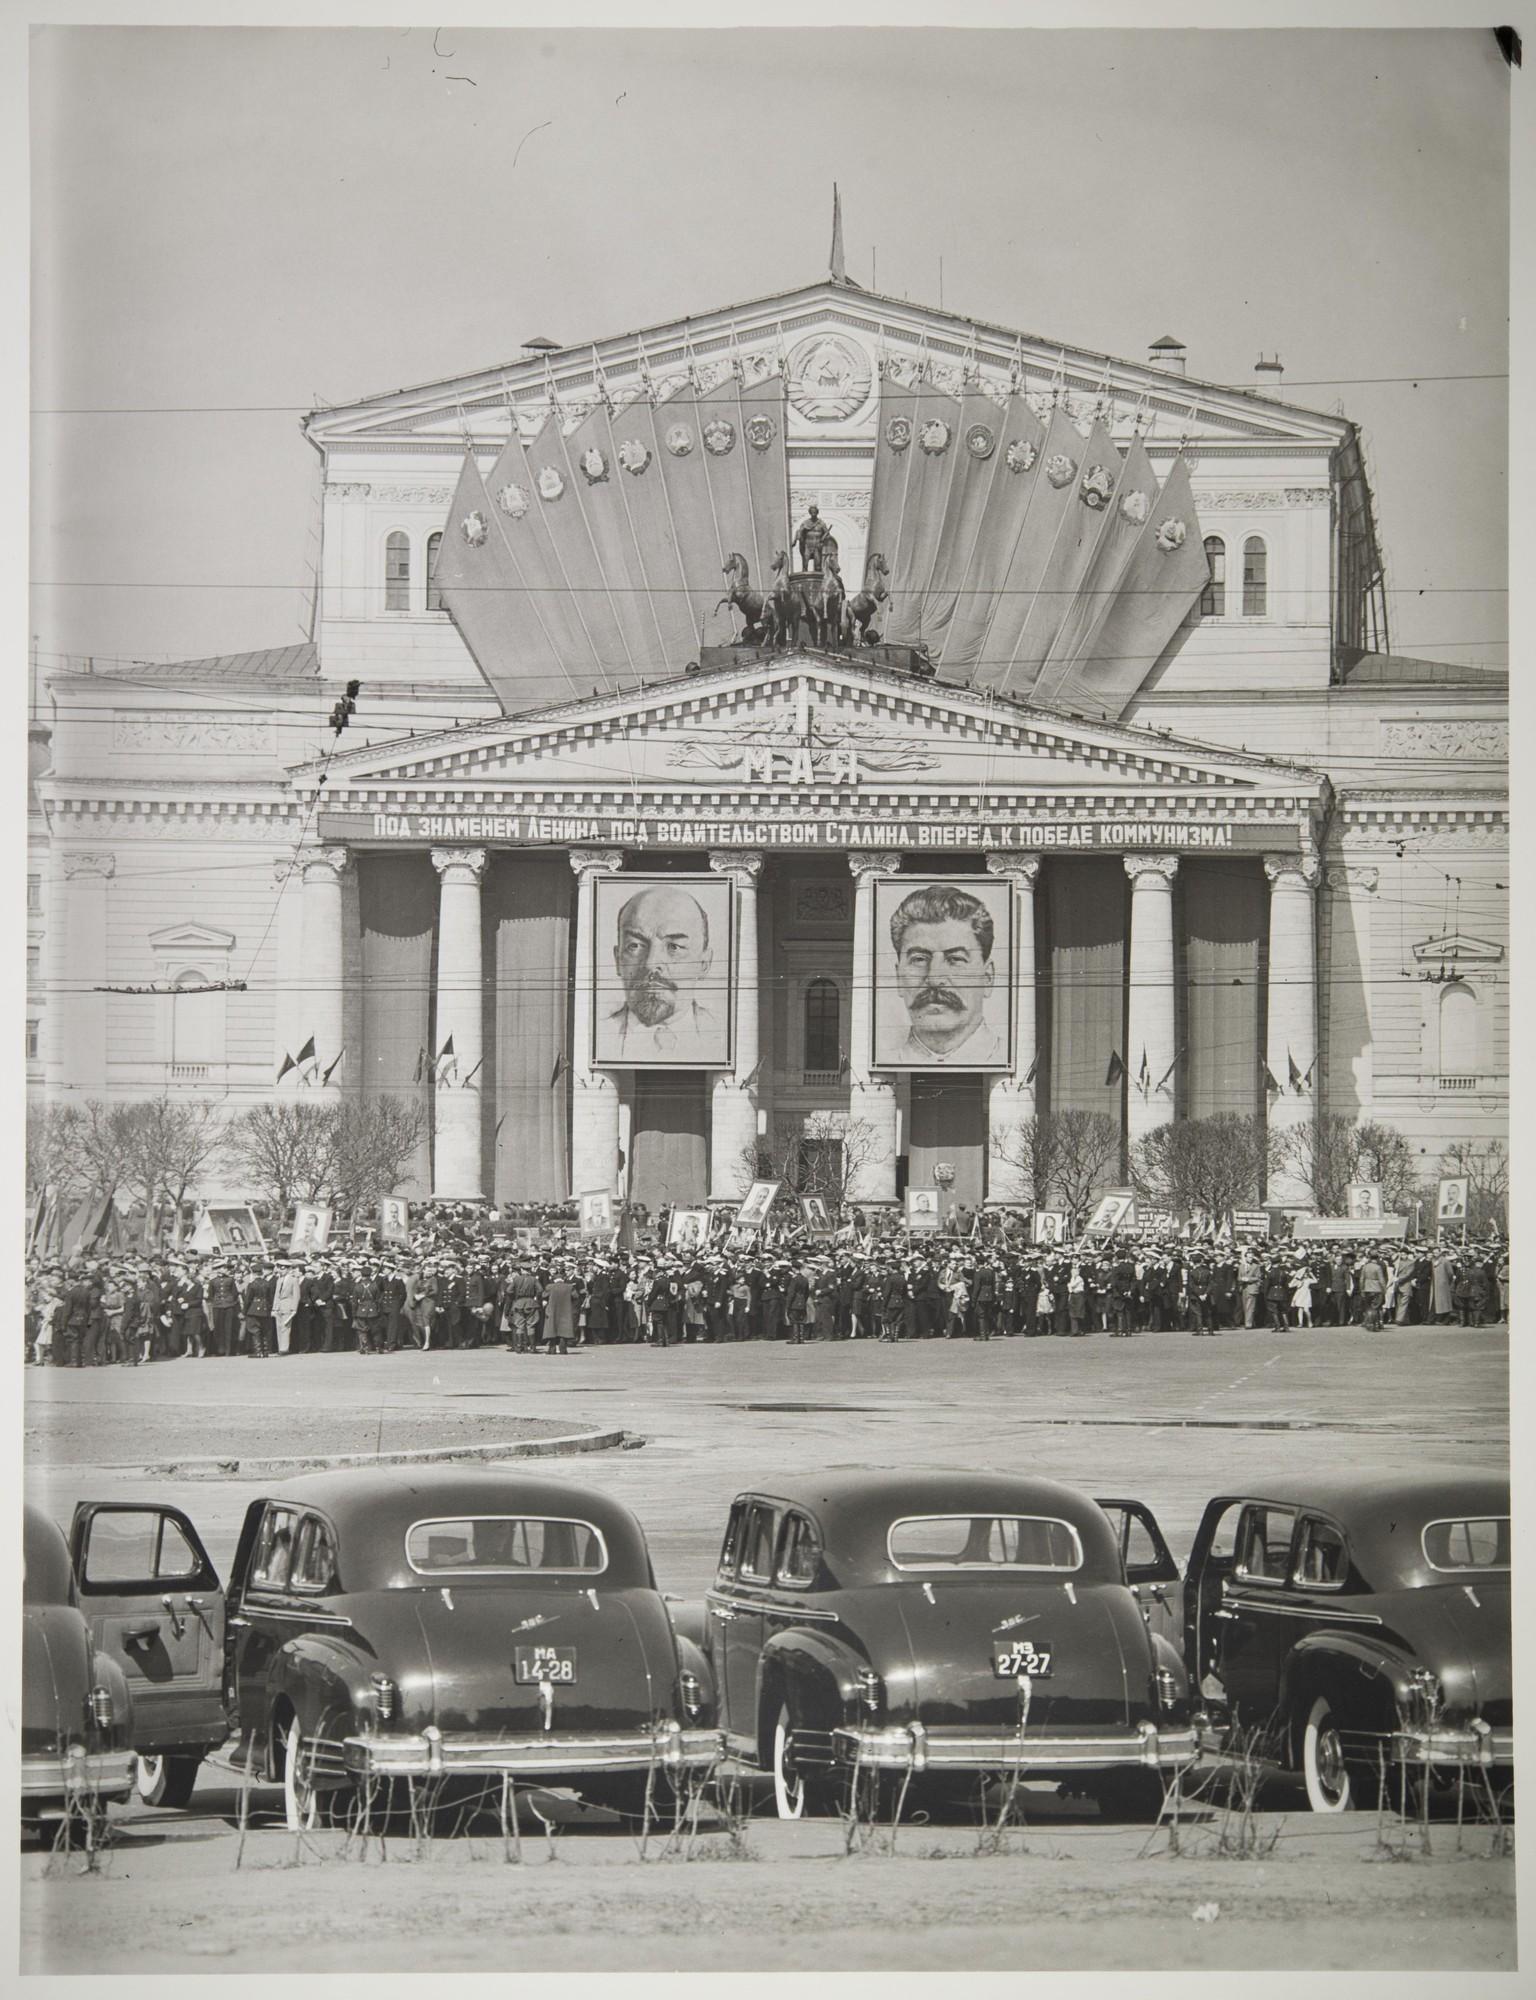 1947. Демонстрация у Большого театра